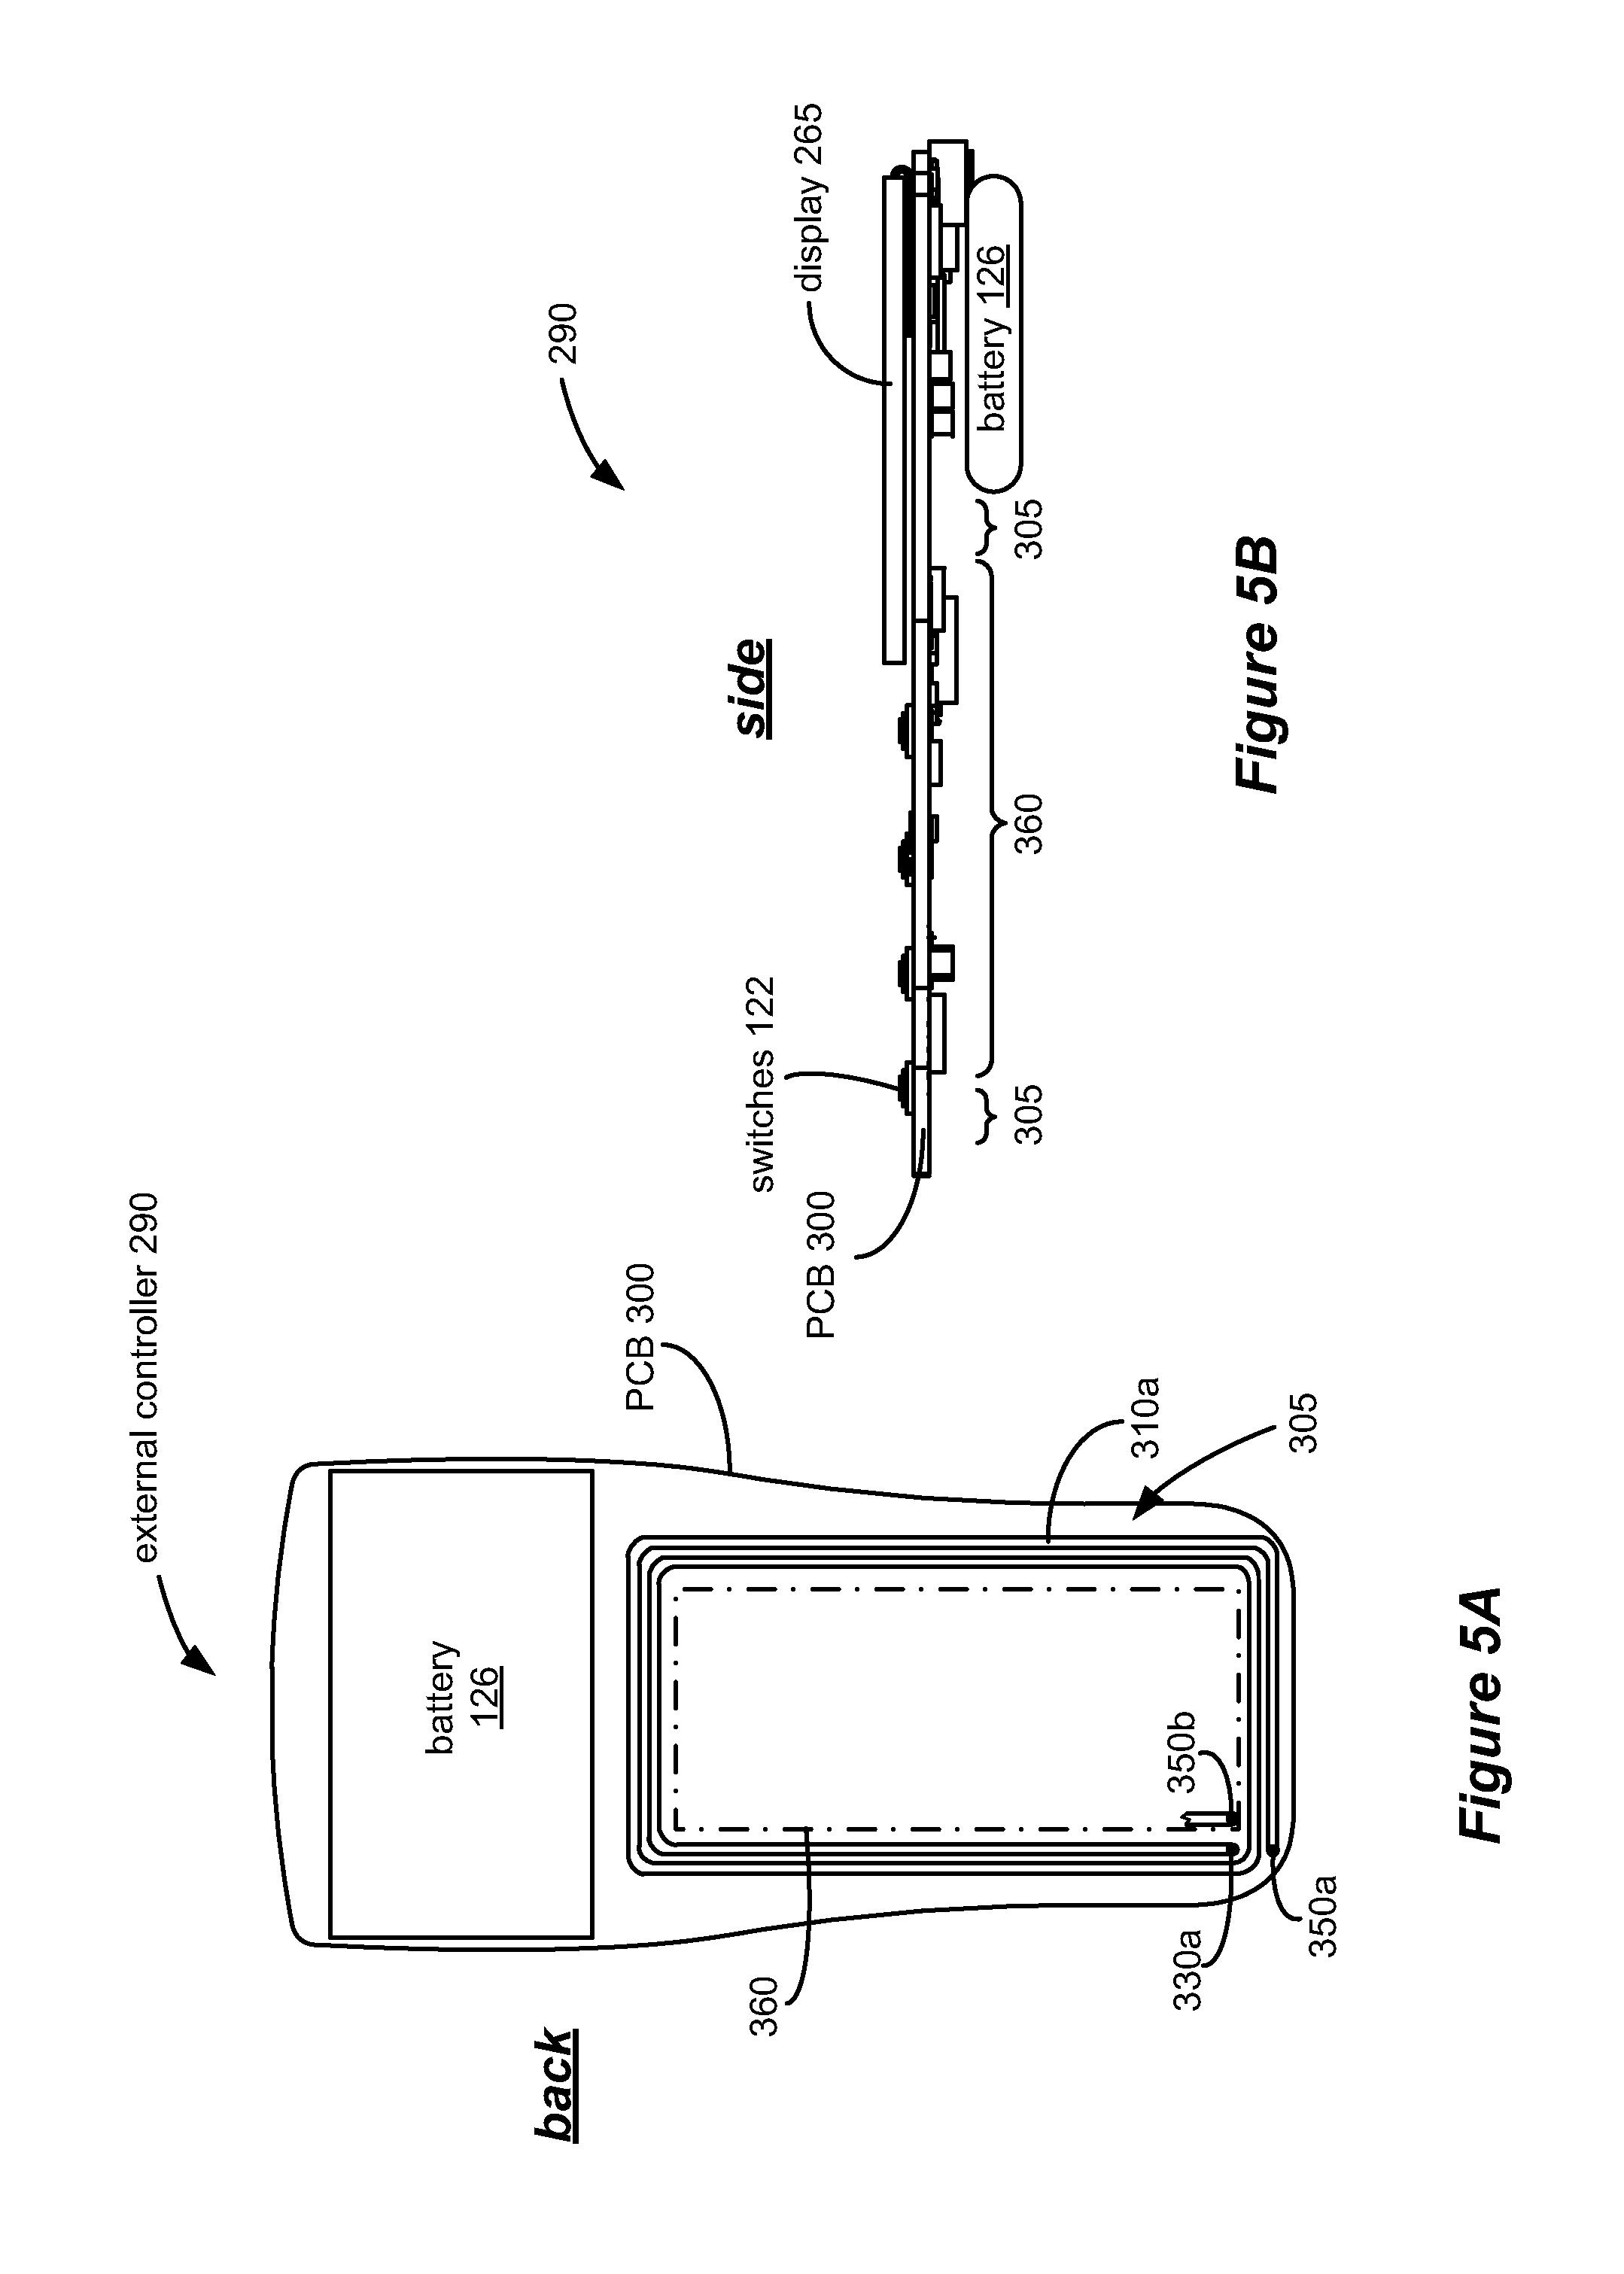 patent us8666491